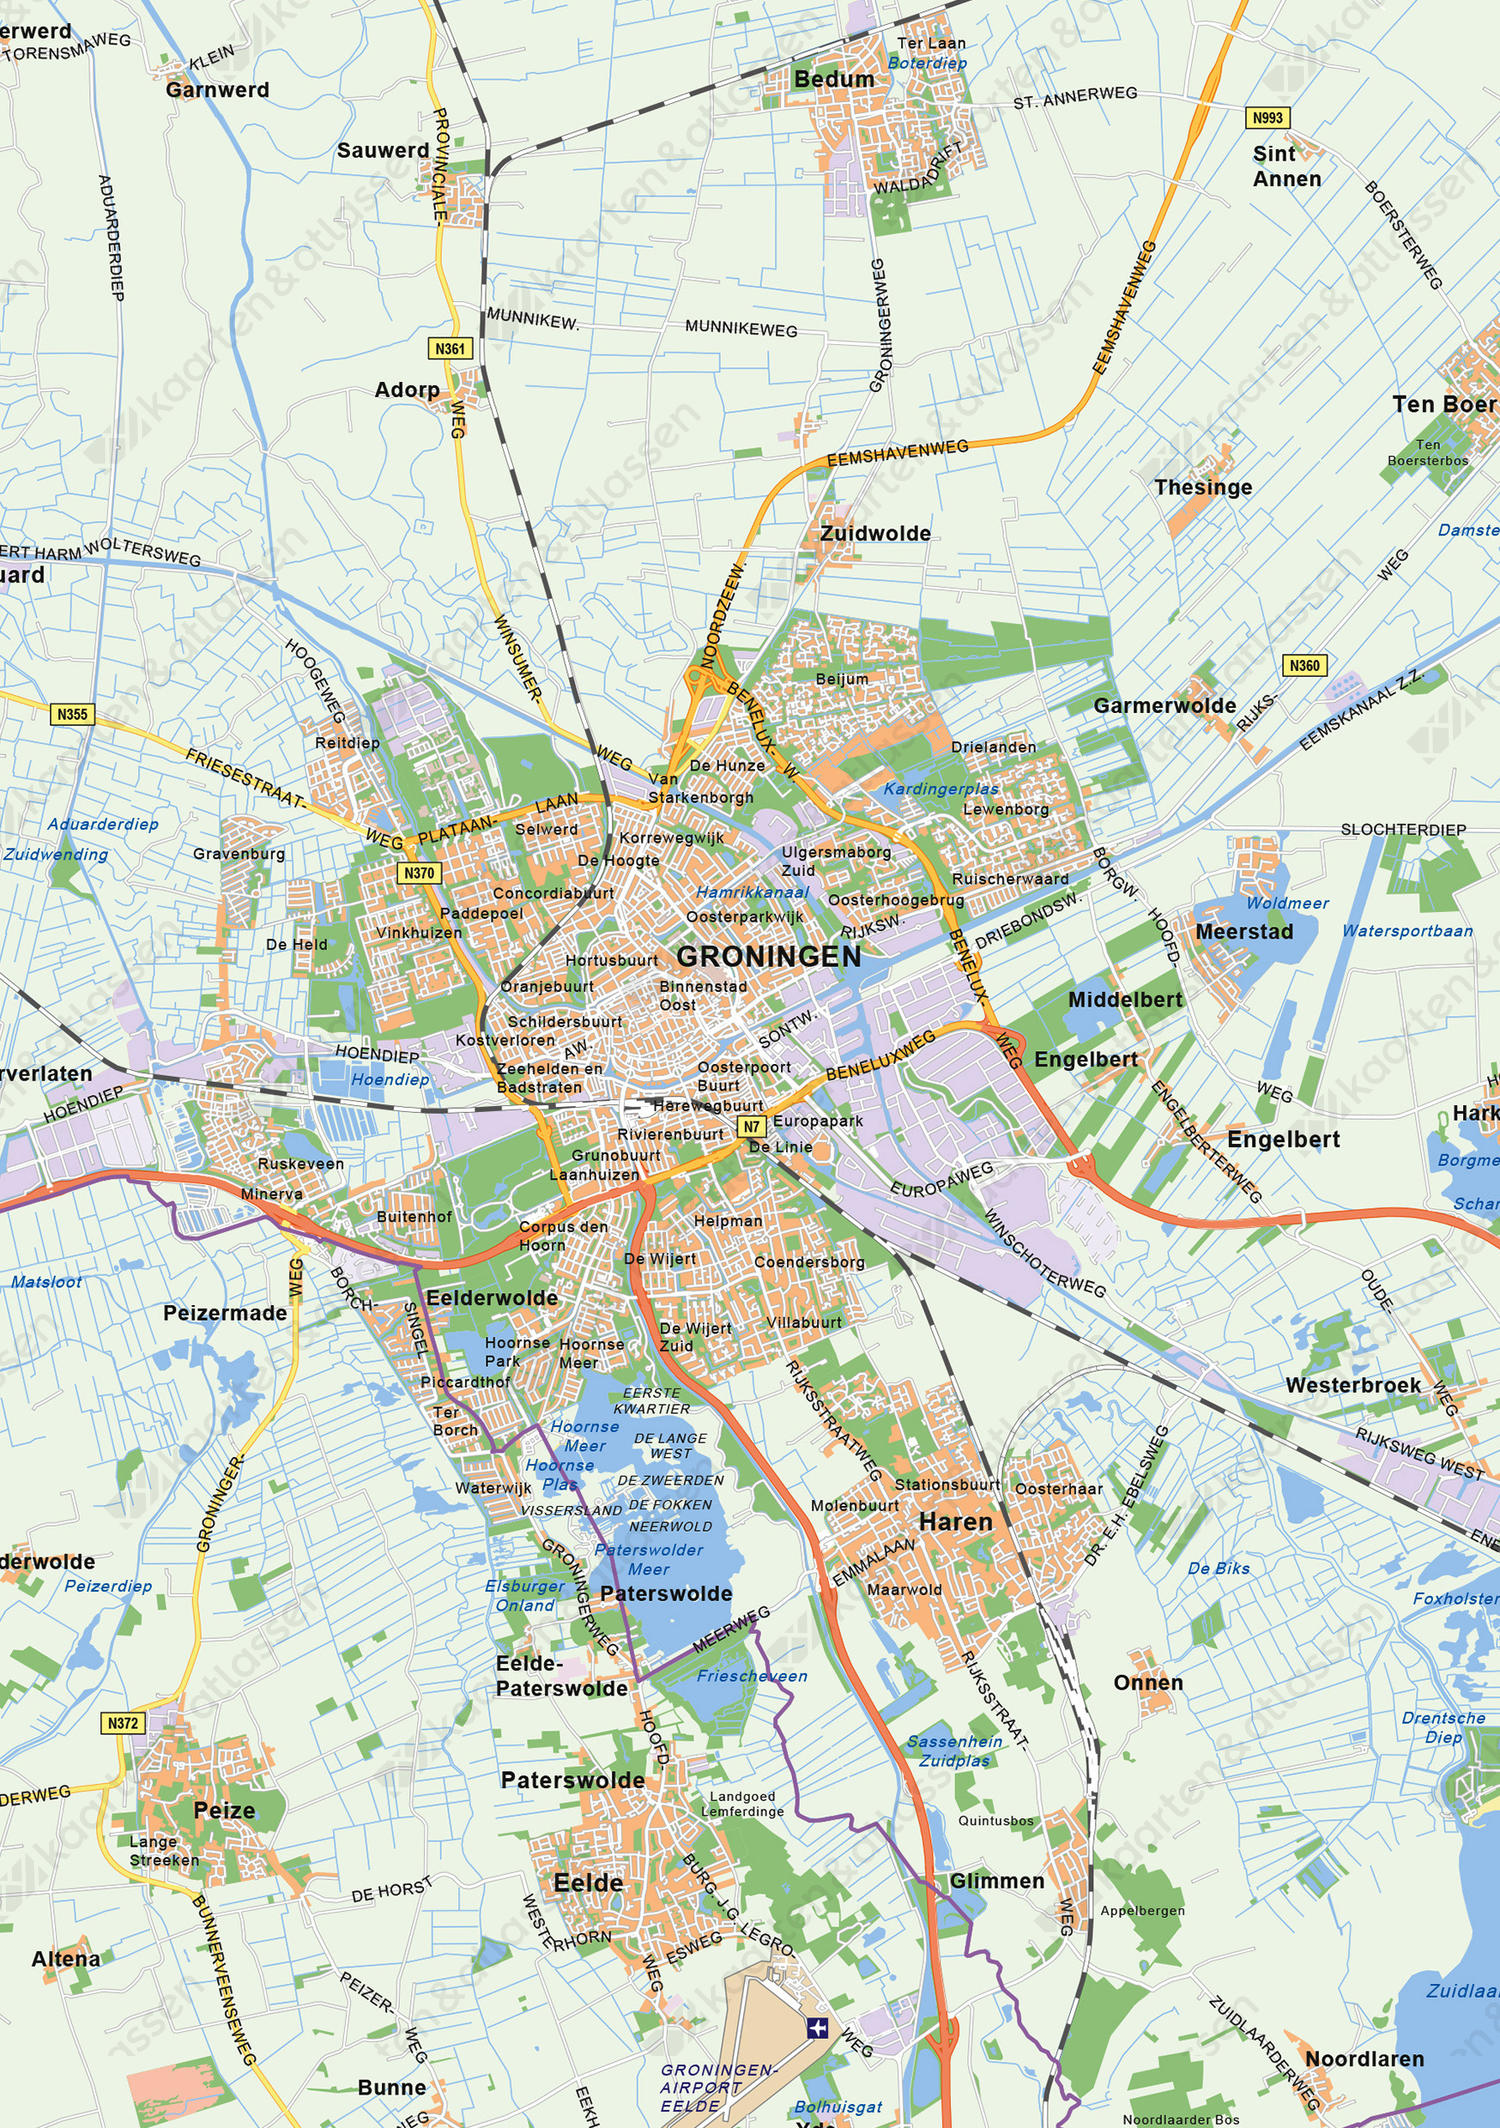 uitsnede:3 Noordelijke Provincies: Friesland, Groningen & Drenthe